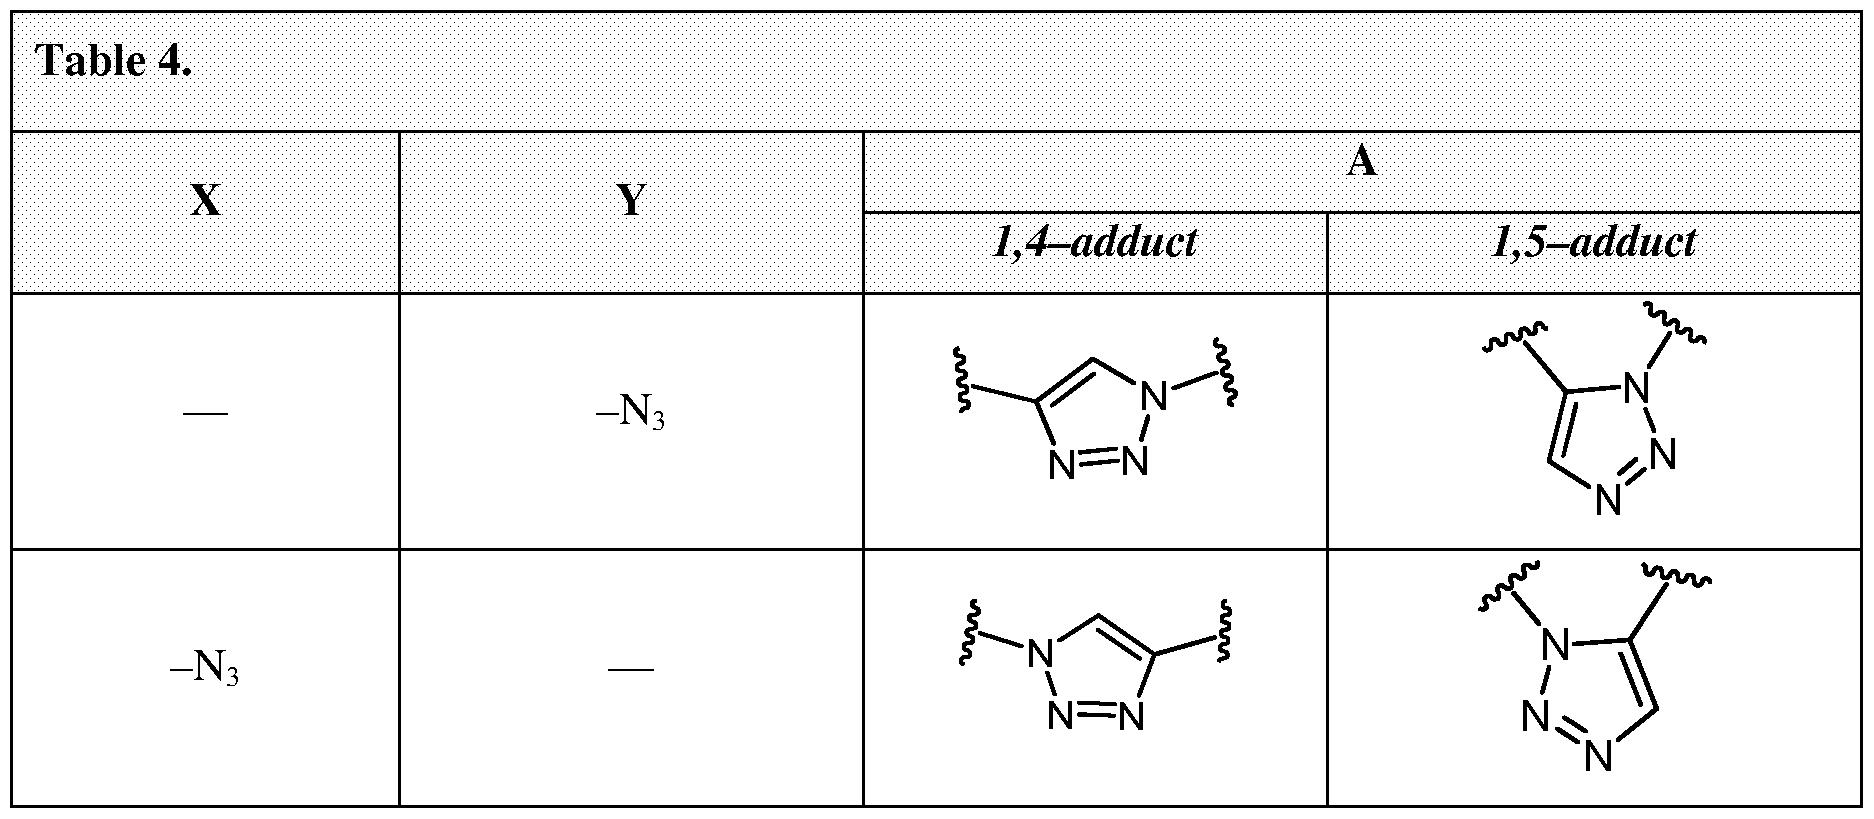 Figure imgf000110_0002